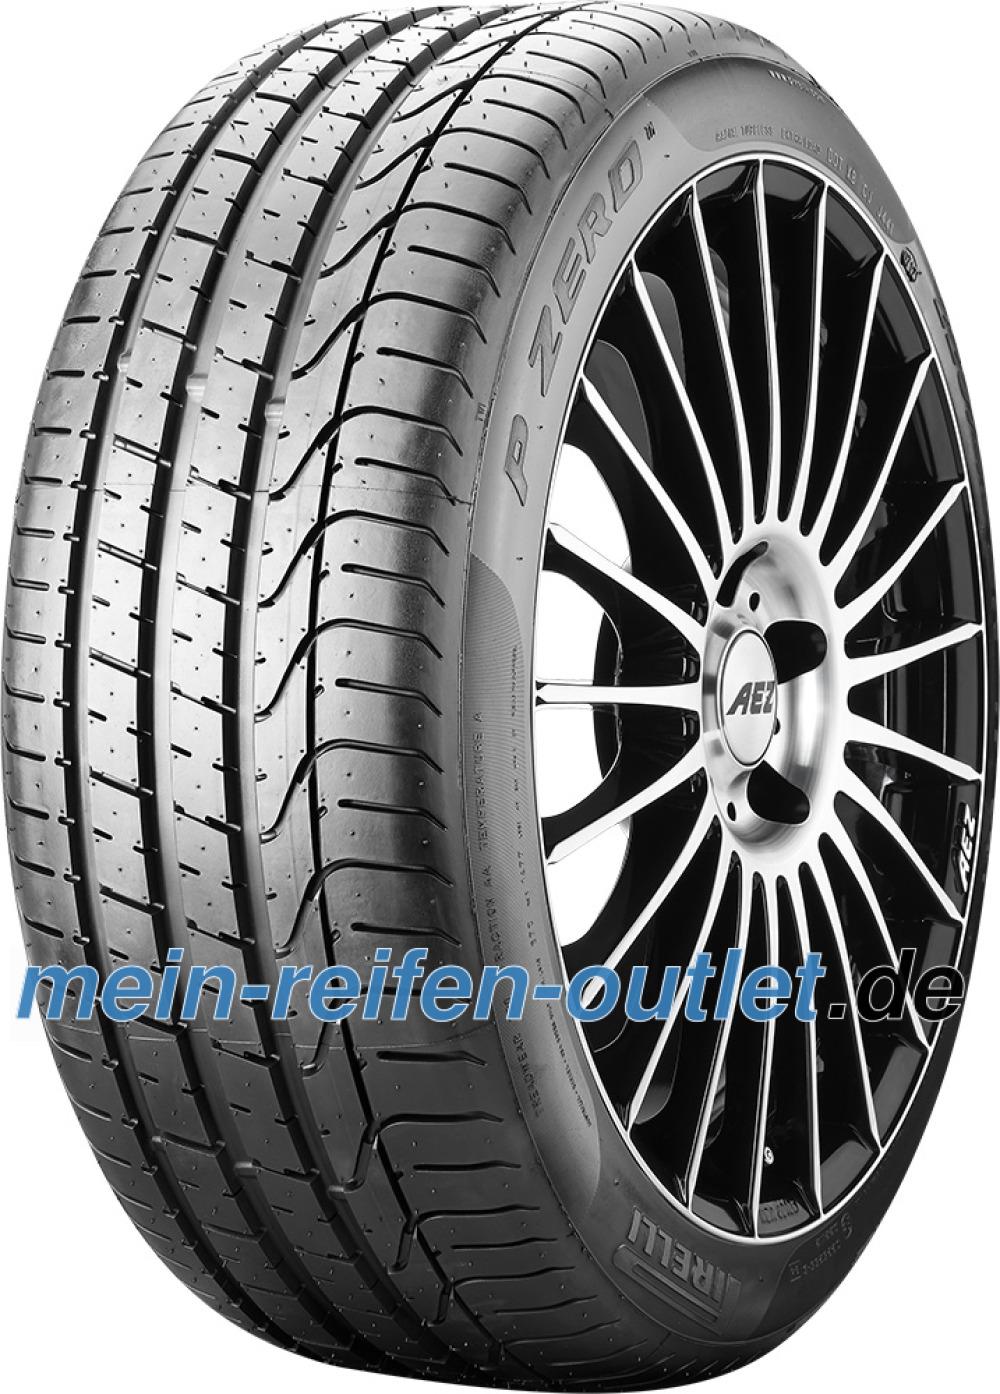 Pirelli P Zero ( 275/40 ZR19 (105Y) XL J, mit Felgenschutz (MFS) )